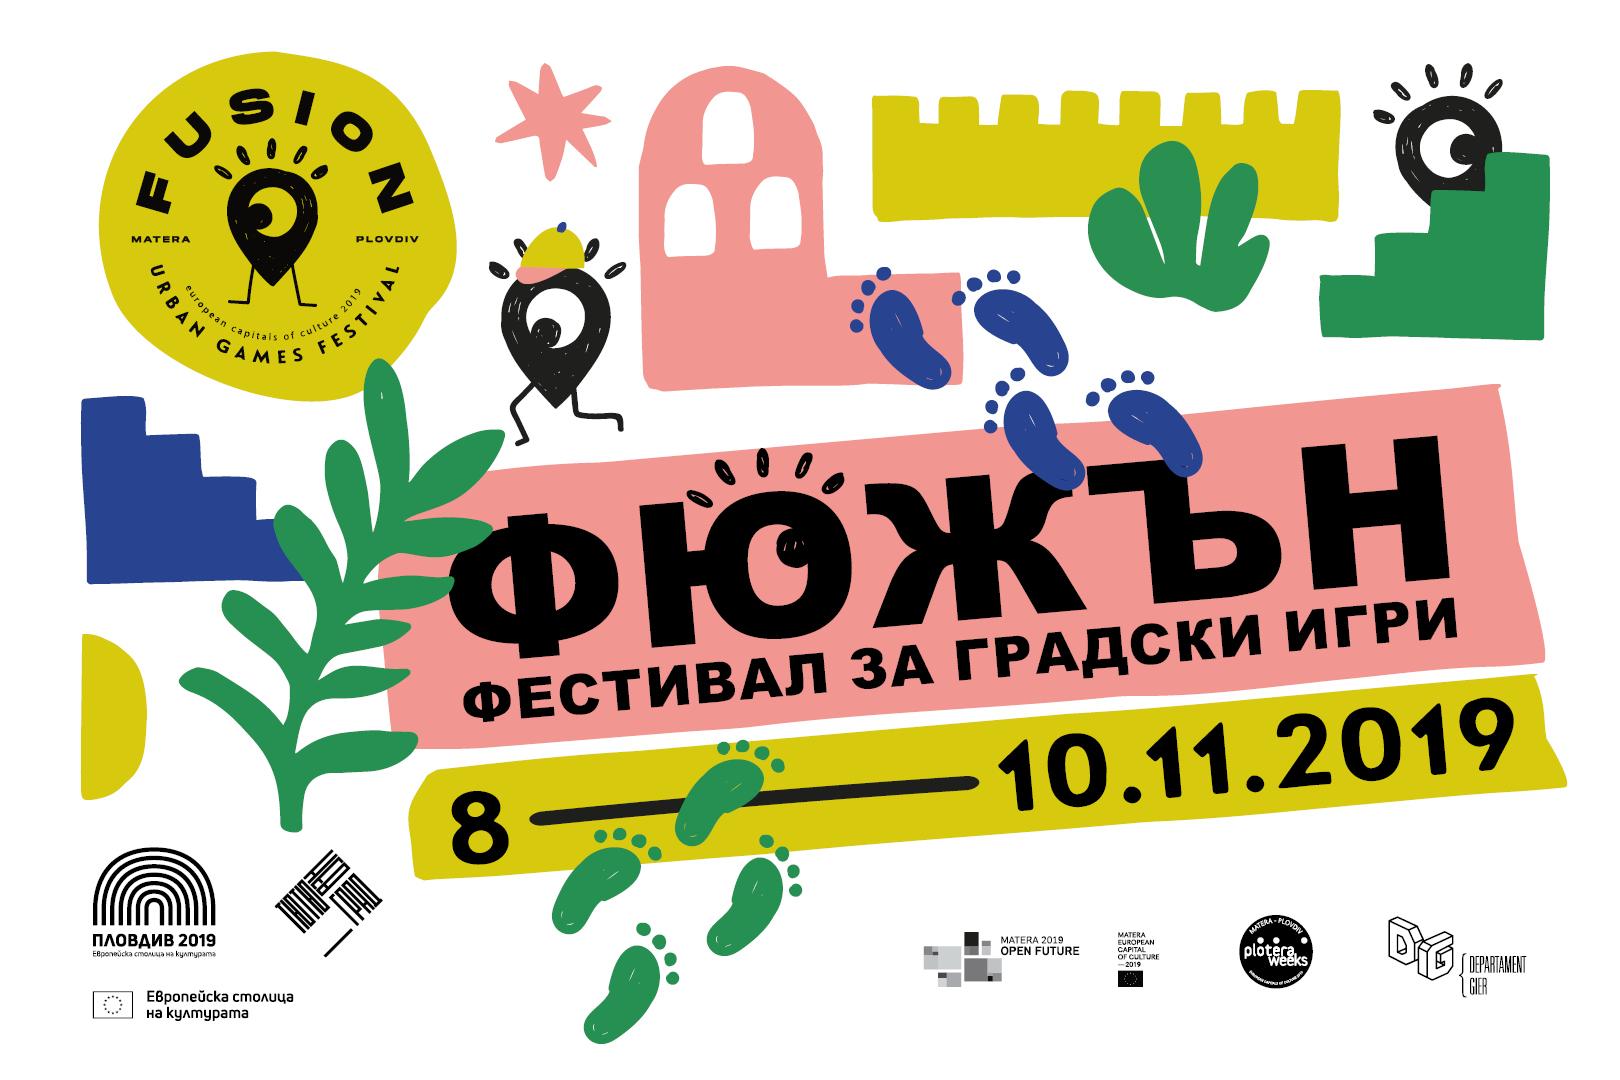 Пловдив 2019: ФЕСТИВАЛ ЗА ГРАДСКИ ИГРИ ФЮЖЪН 2019